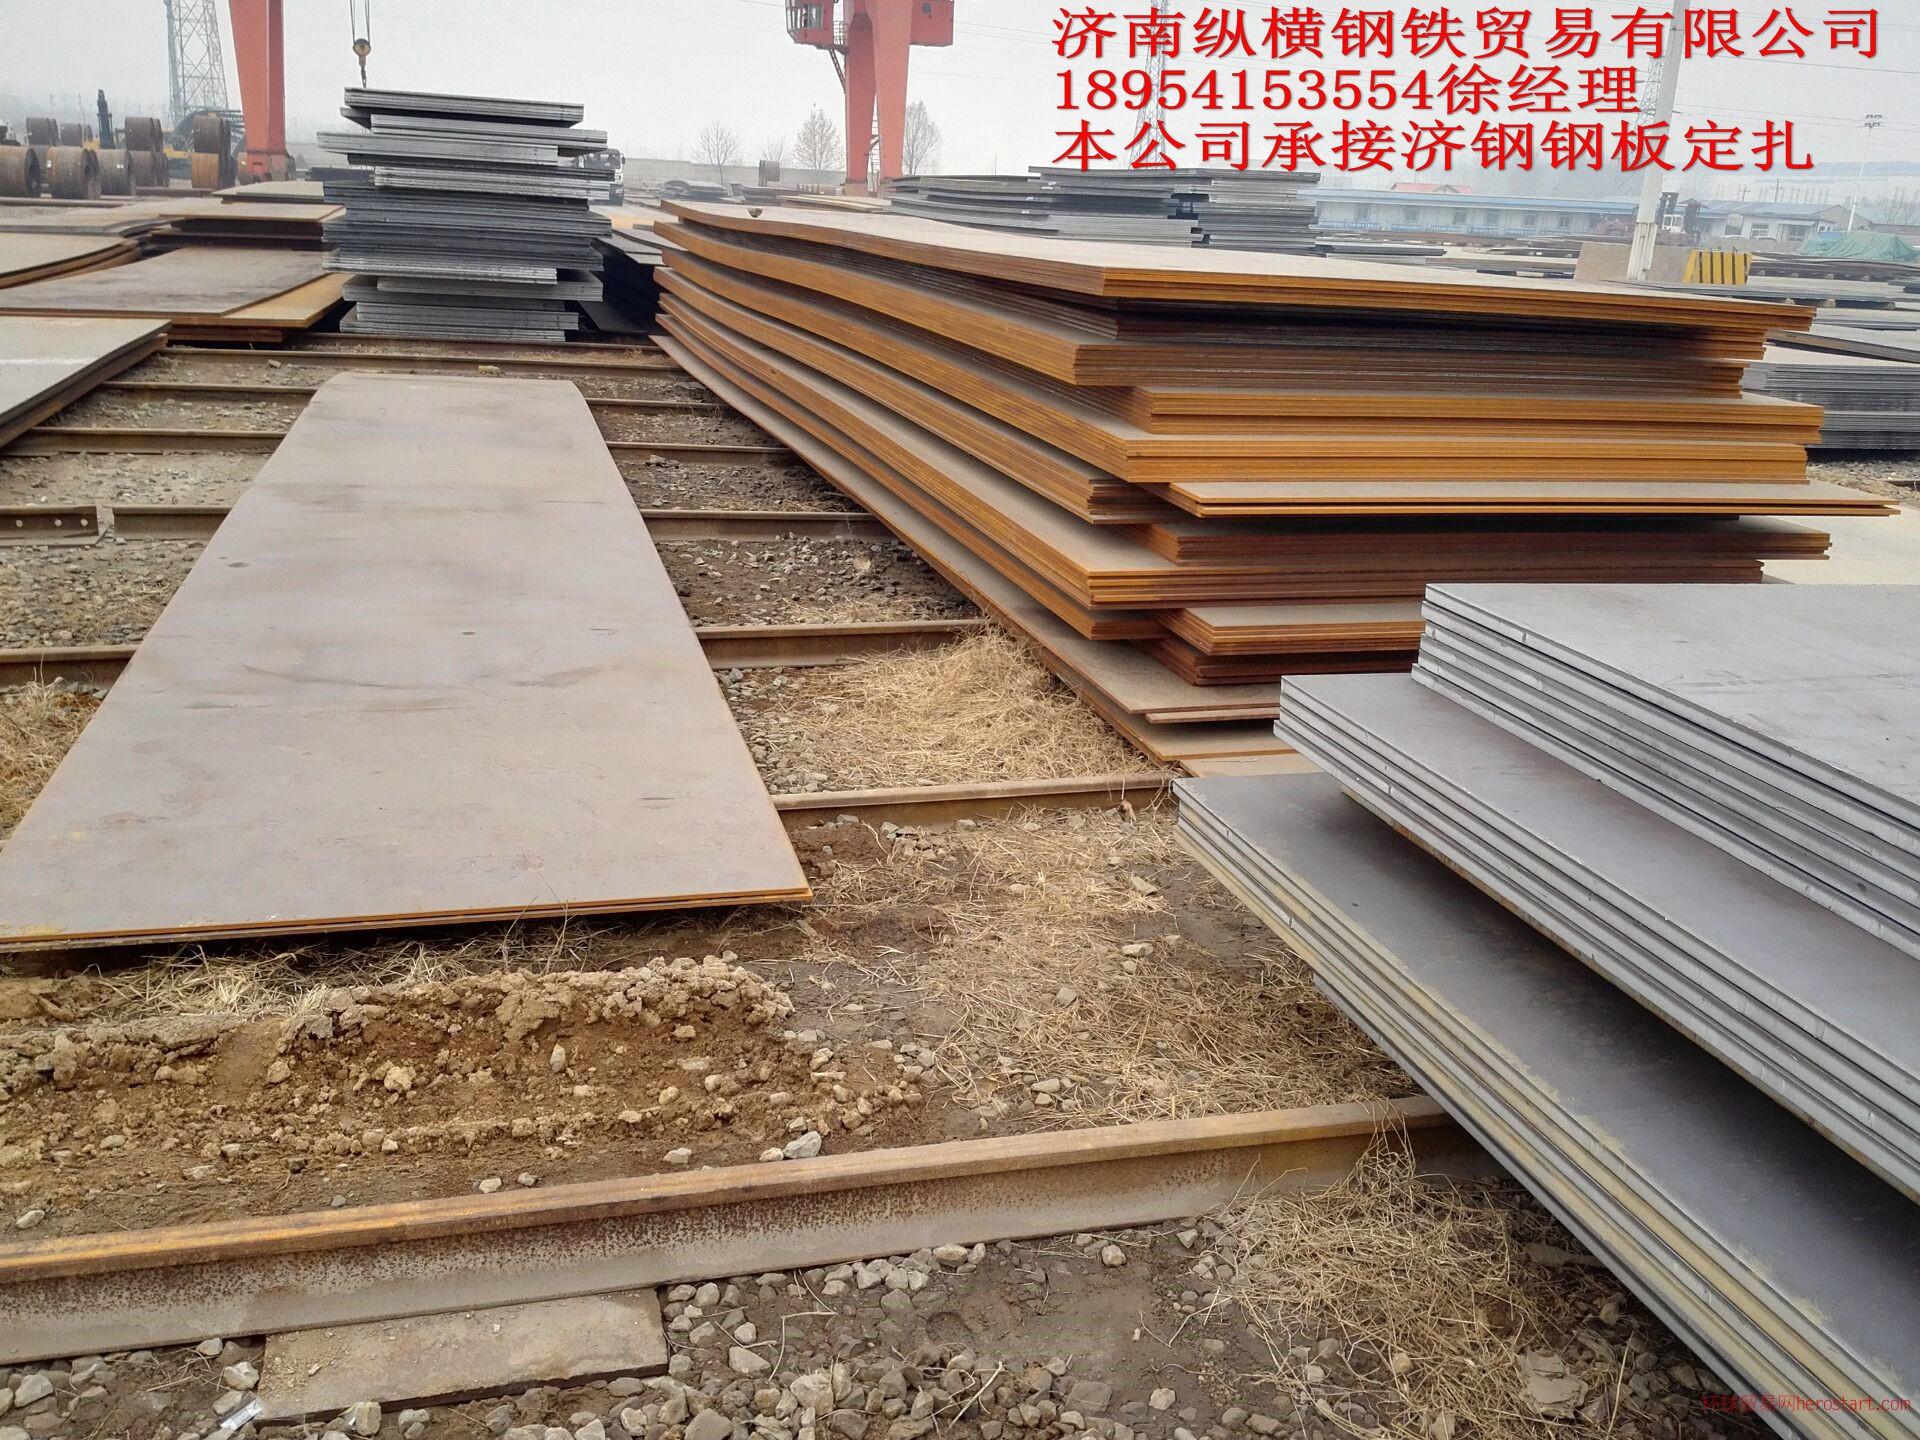 钢板最近走势 济钢普板价格出 纵横